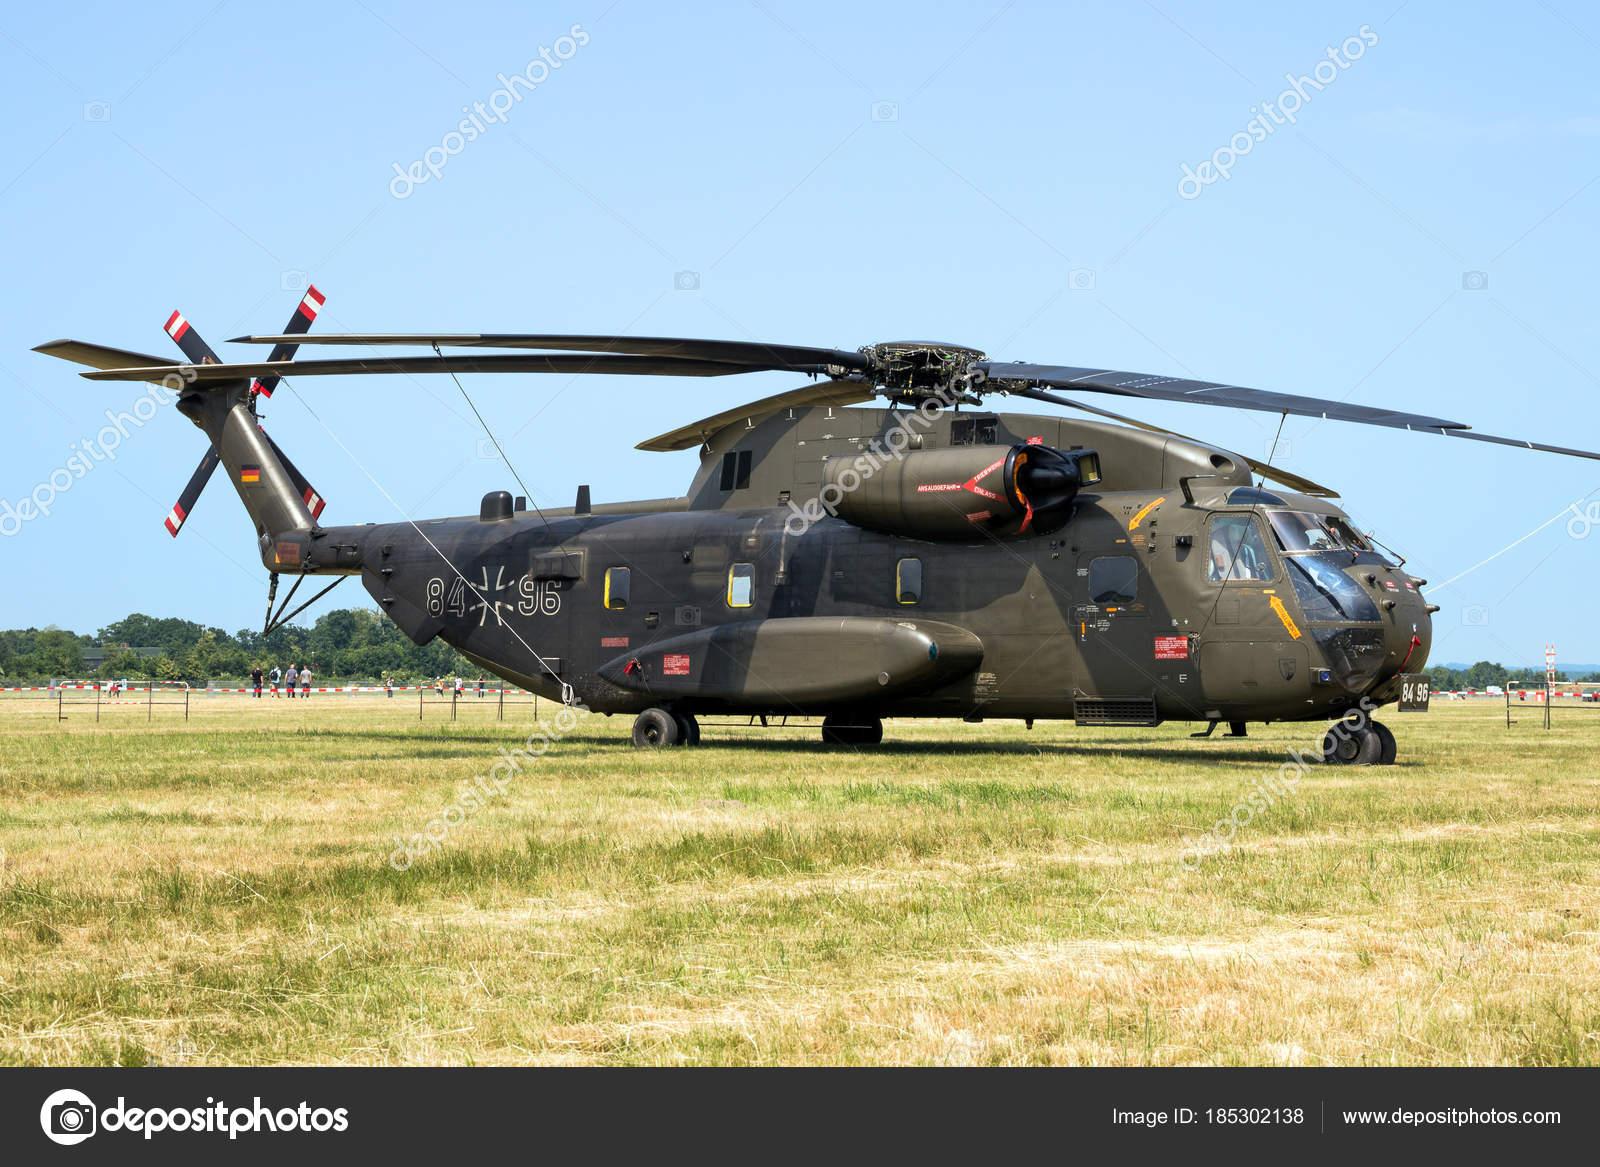 Elicottero Ch : Elicottero da trasporto germania esercito sikorsky ch u foto